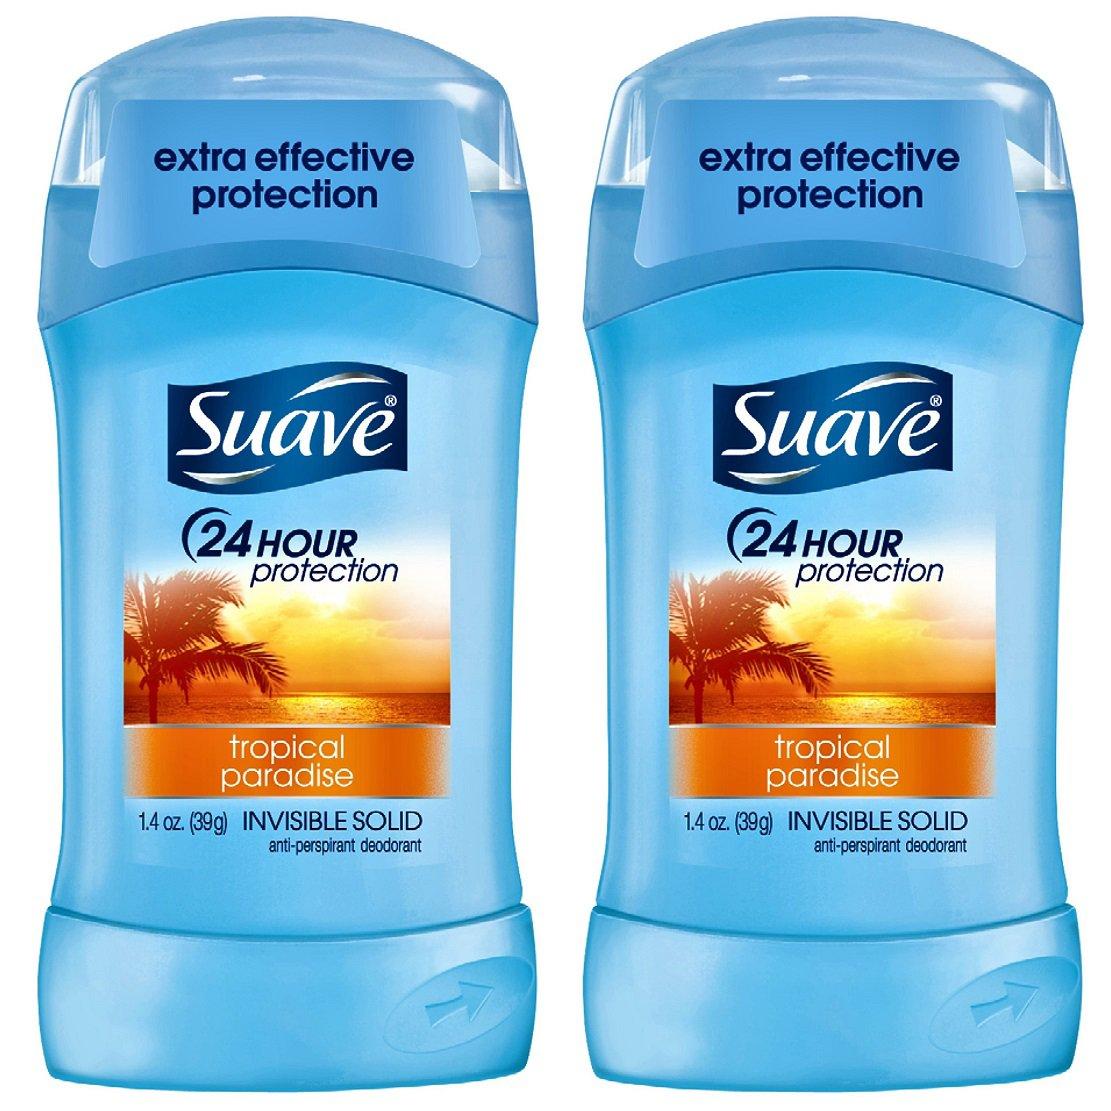 Suave Solid Invisible Tropical Paradise Antiperspirant Deodorant (1.4 oz Stick) 2 Sticks